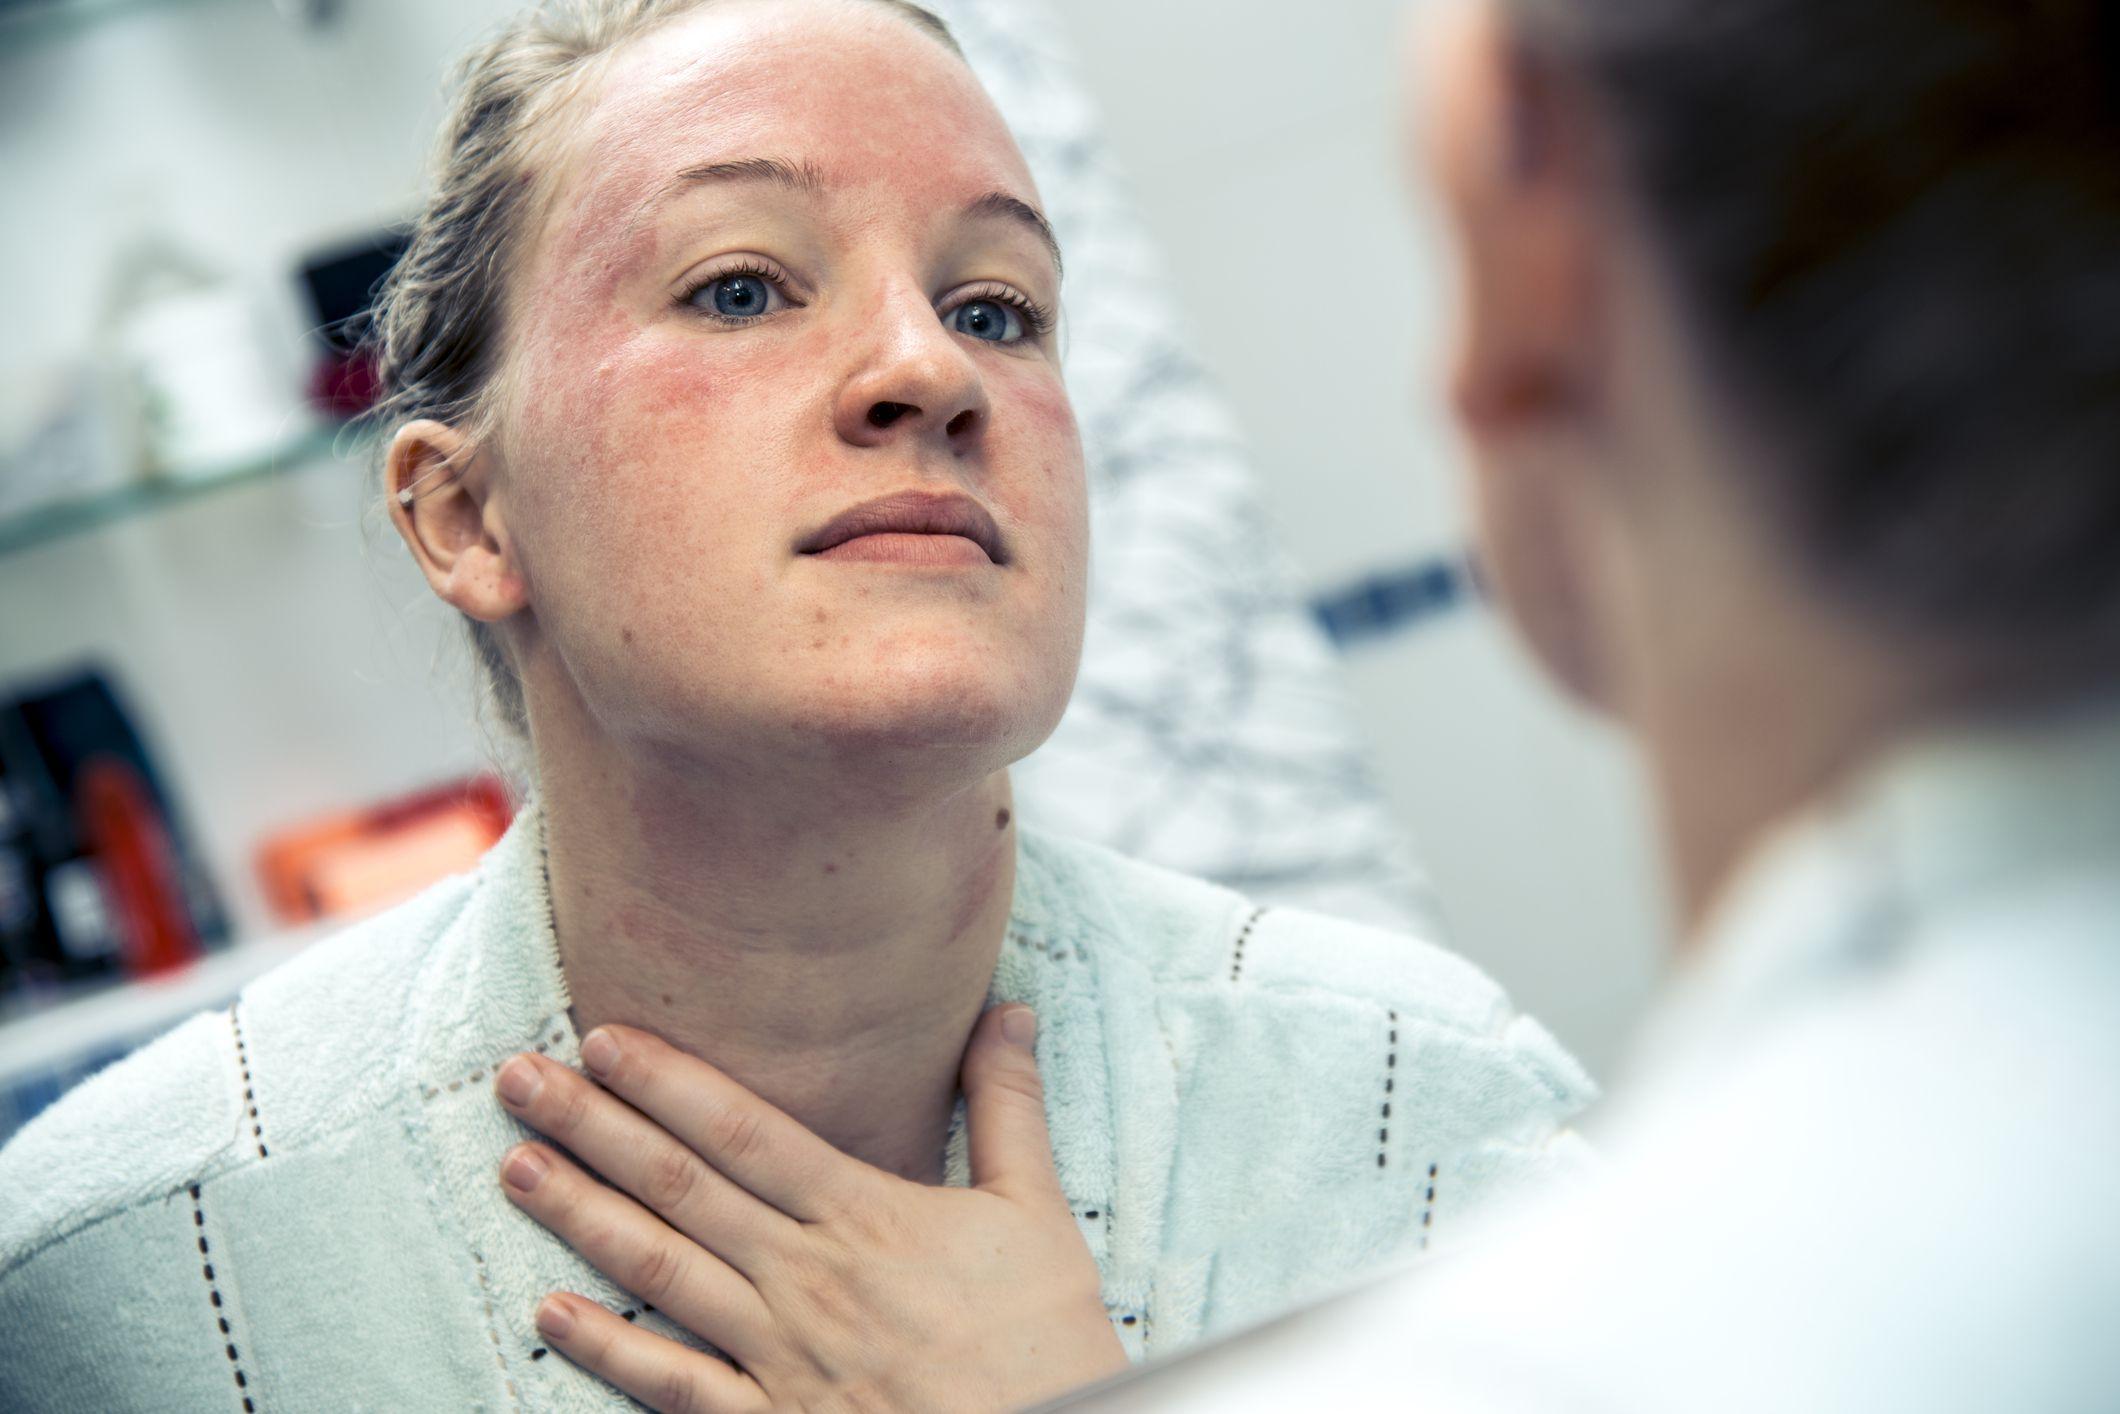 8 sự thật về bệnh chàm không phải ai cũng biết rõ